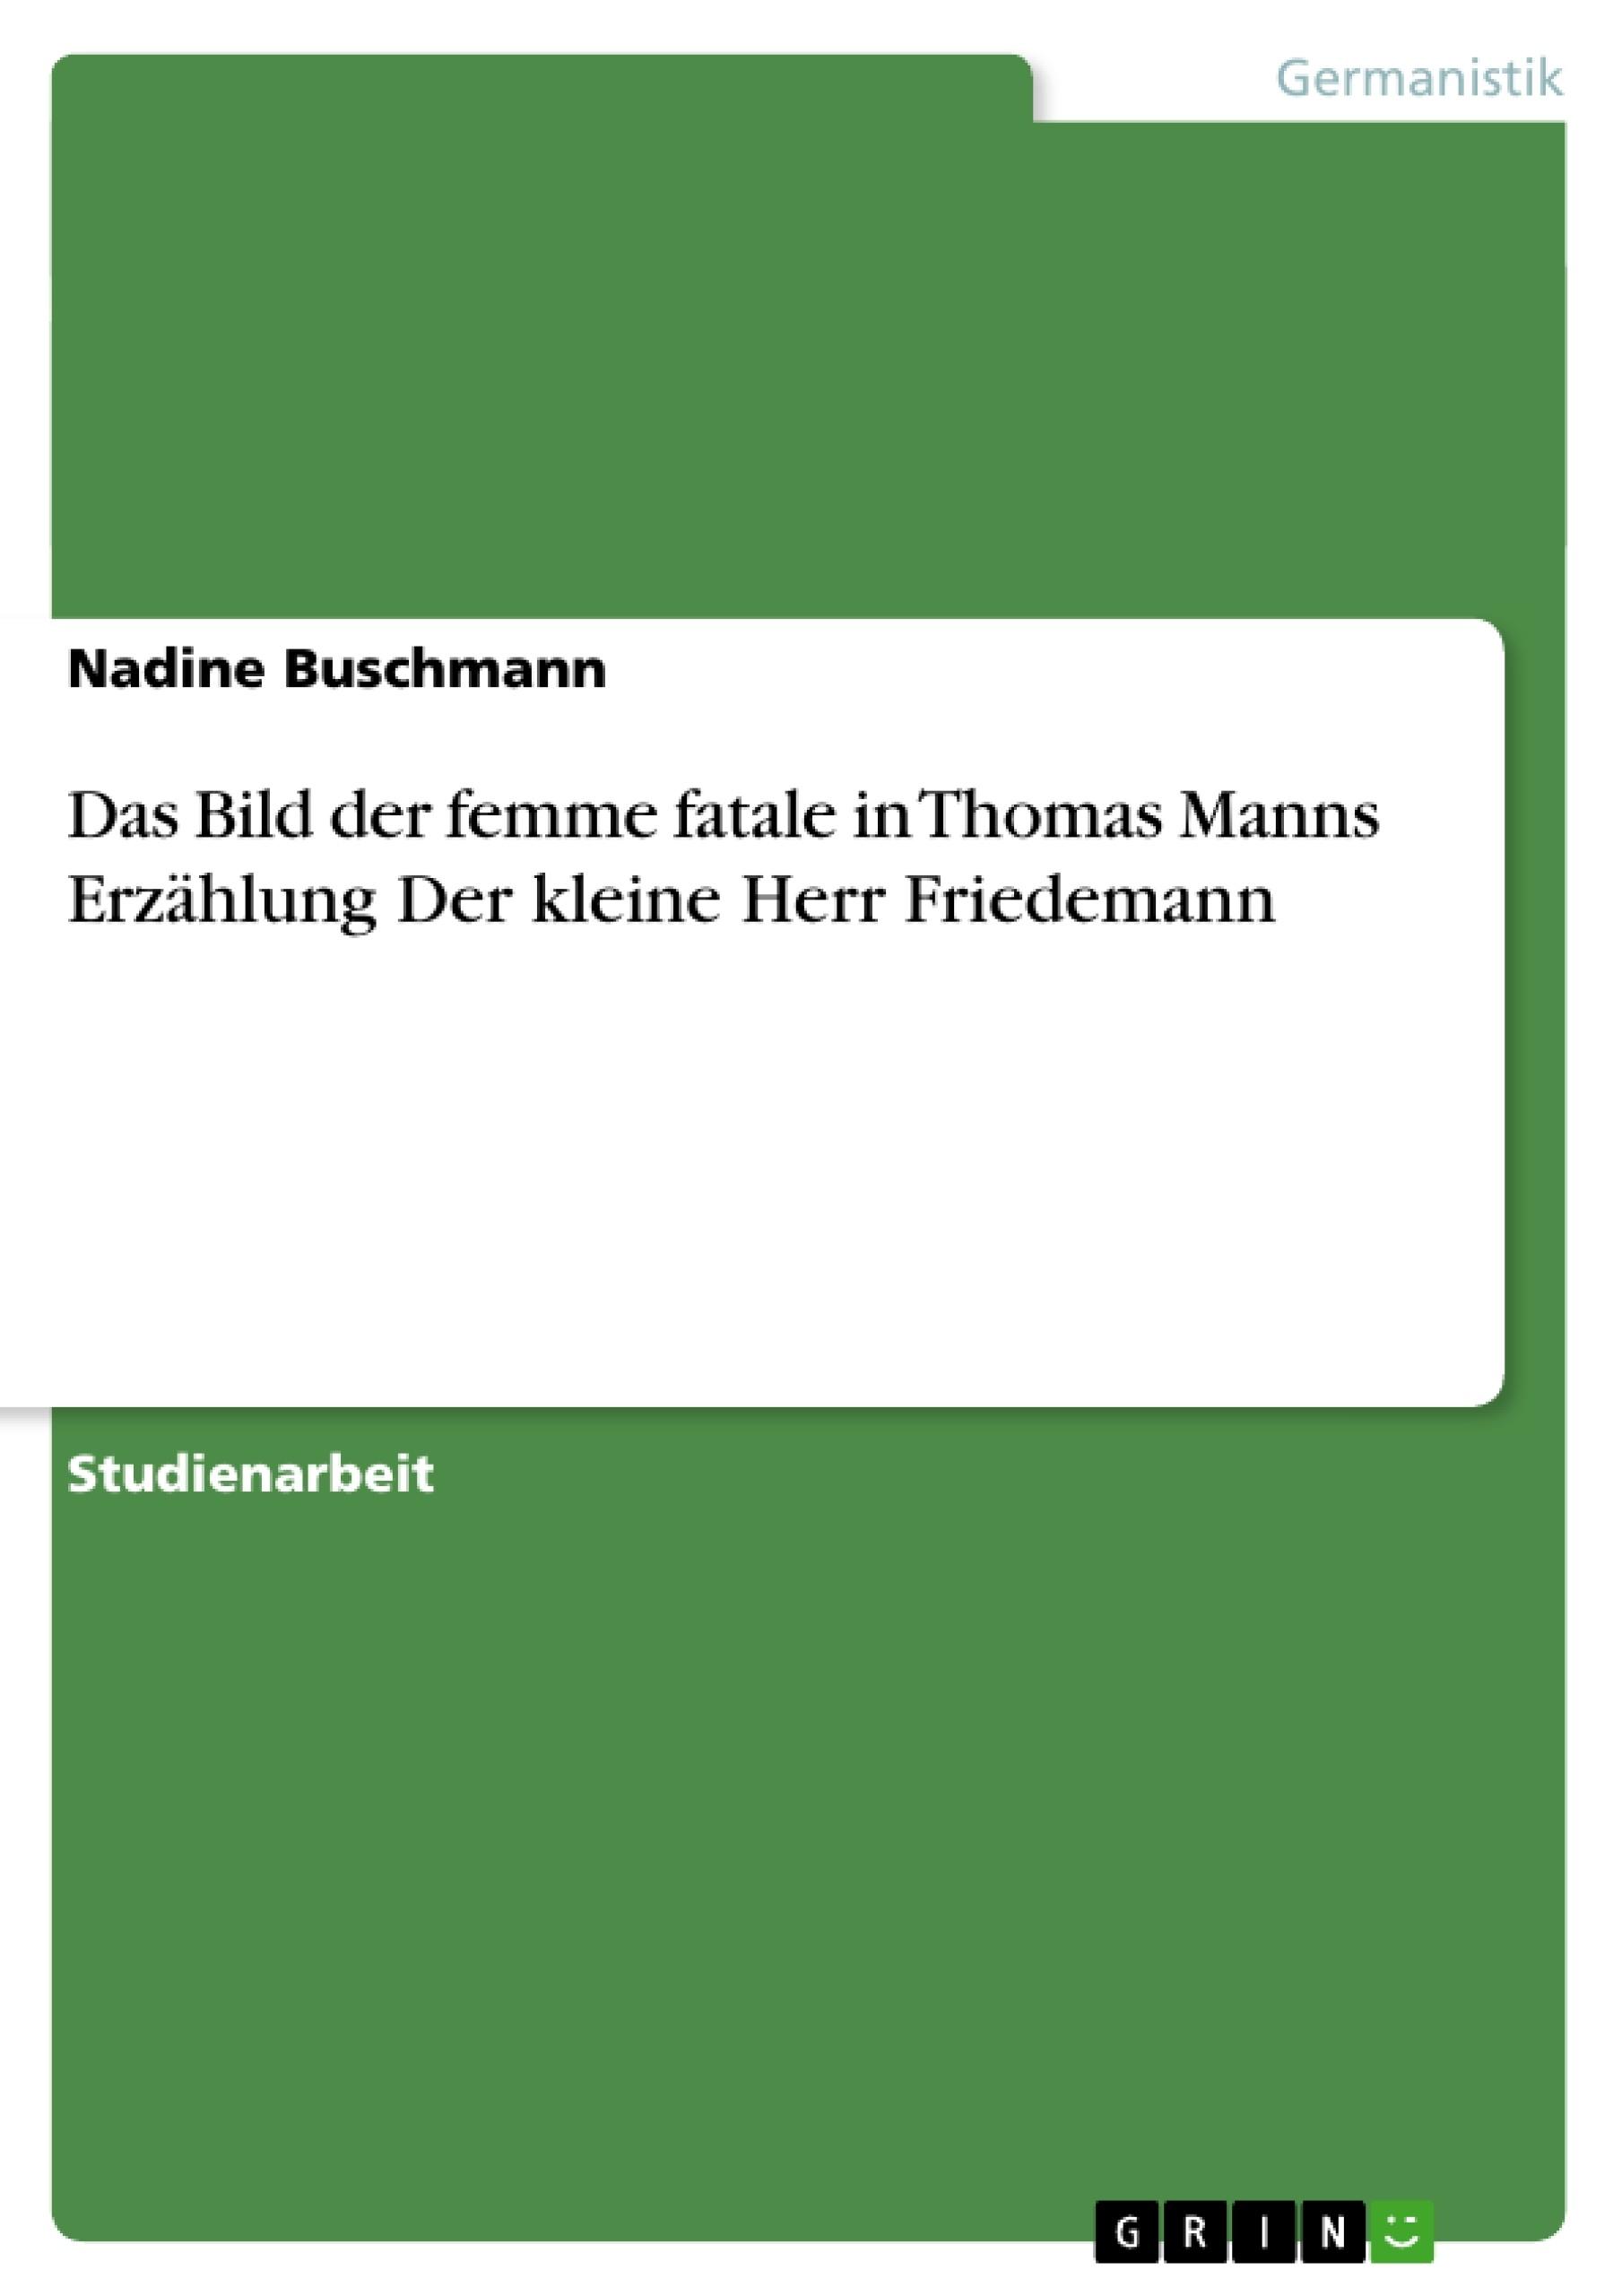 Titel: Das Bild der femme fatale in Thomas Manns Erzählung  Der kleine Herr Friedemann